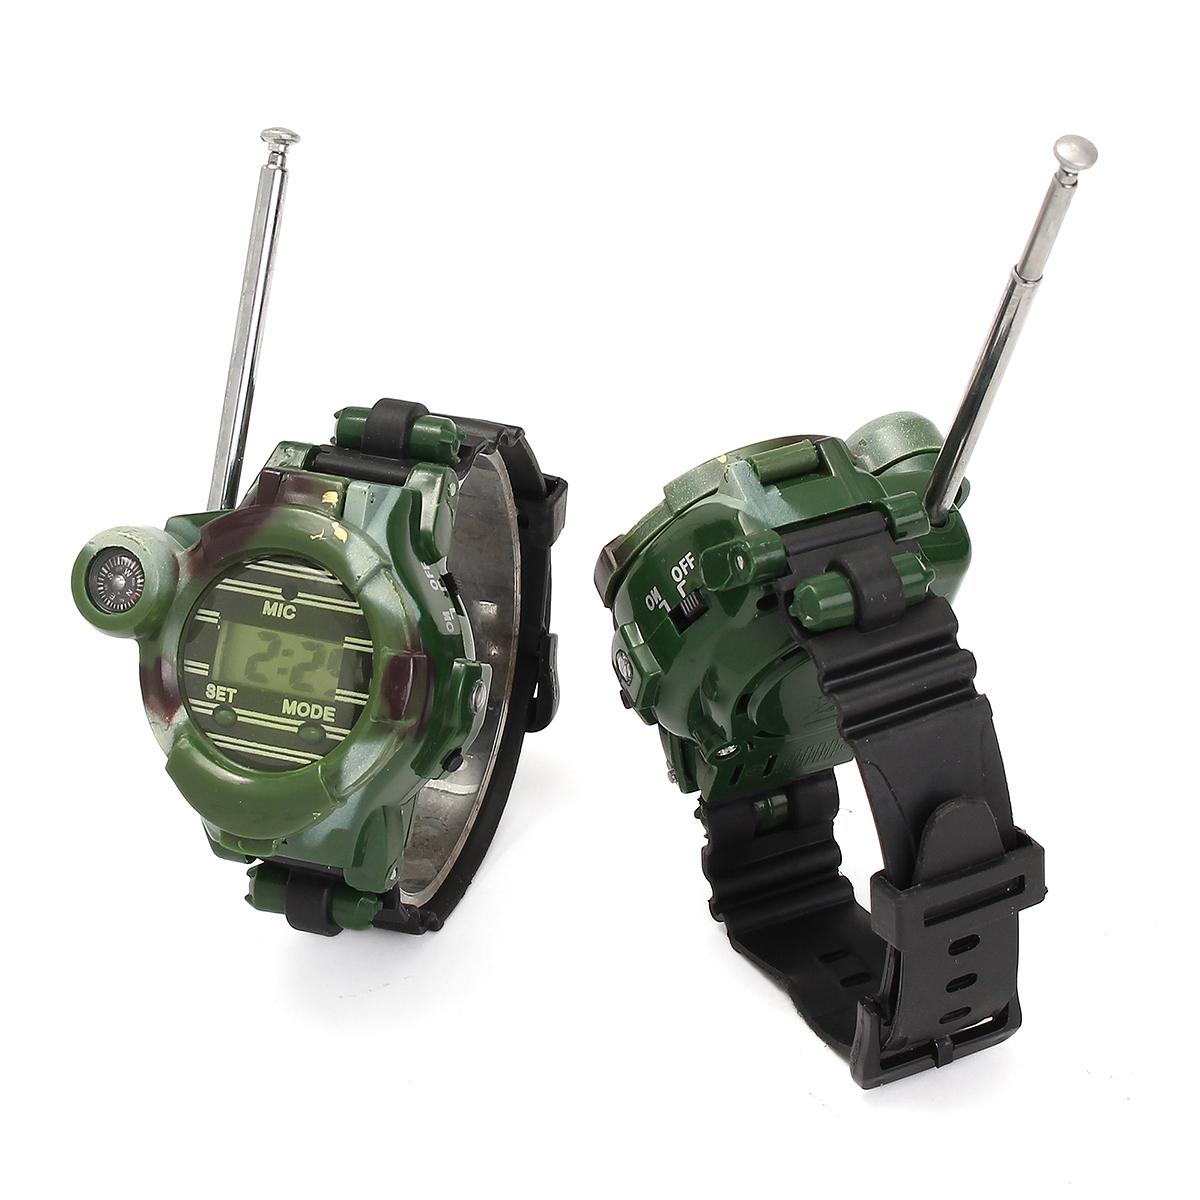 2pcs 7 en 1 montre bracelet digital talkie walkie boussole jouet enfant outdoors achat vente. Black Bedroom Furniture Sets. Home Design Ideas